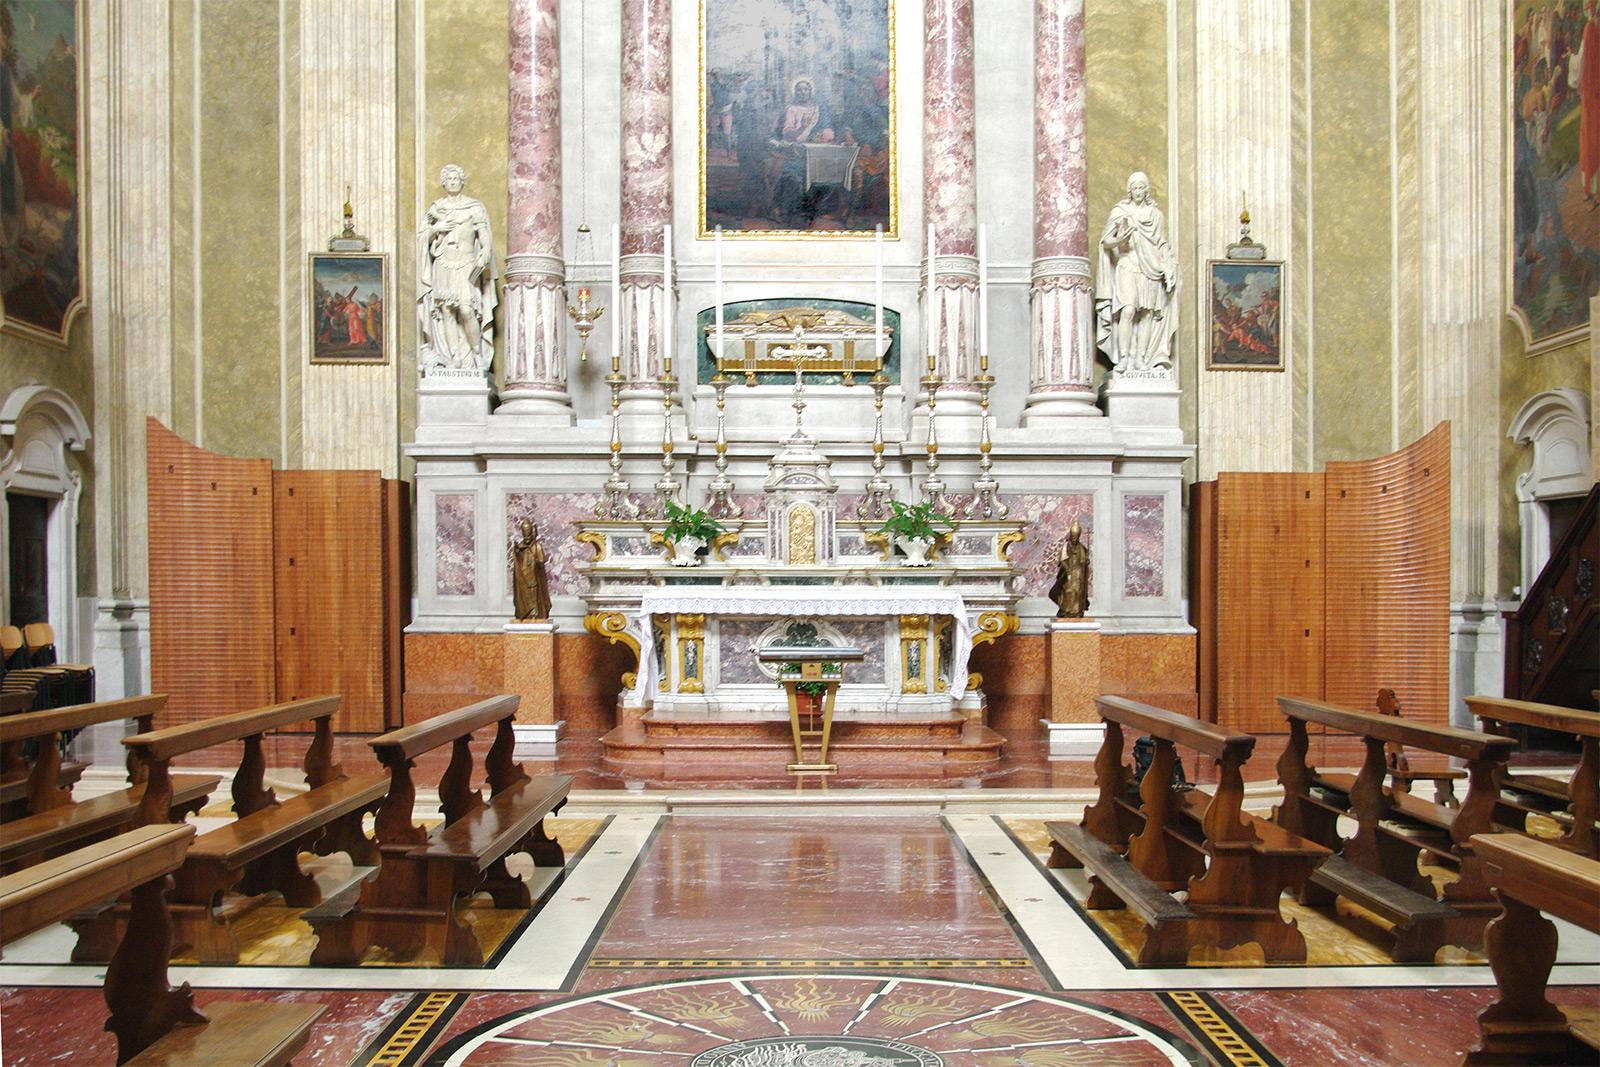 Santa Maria Immacolata